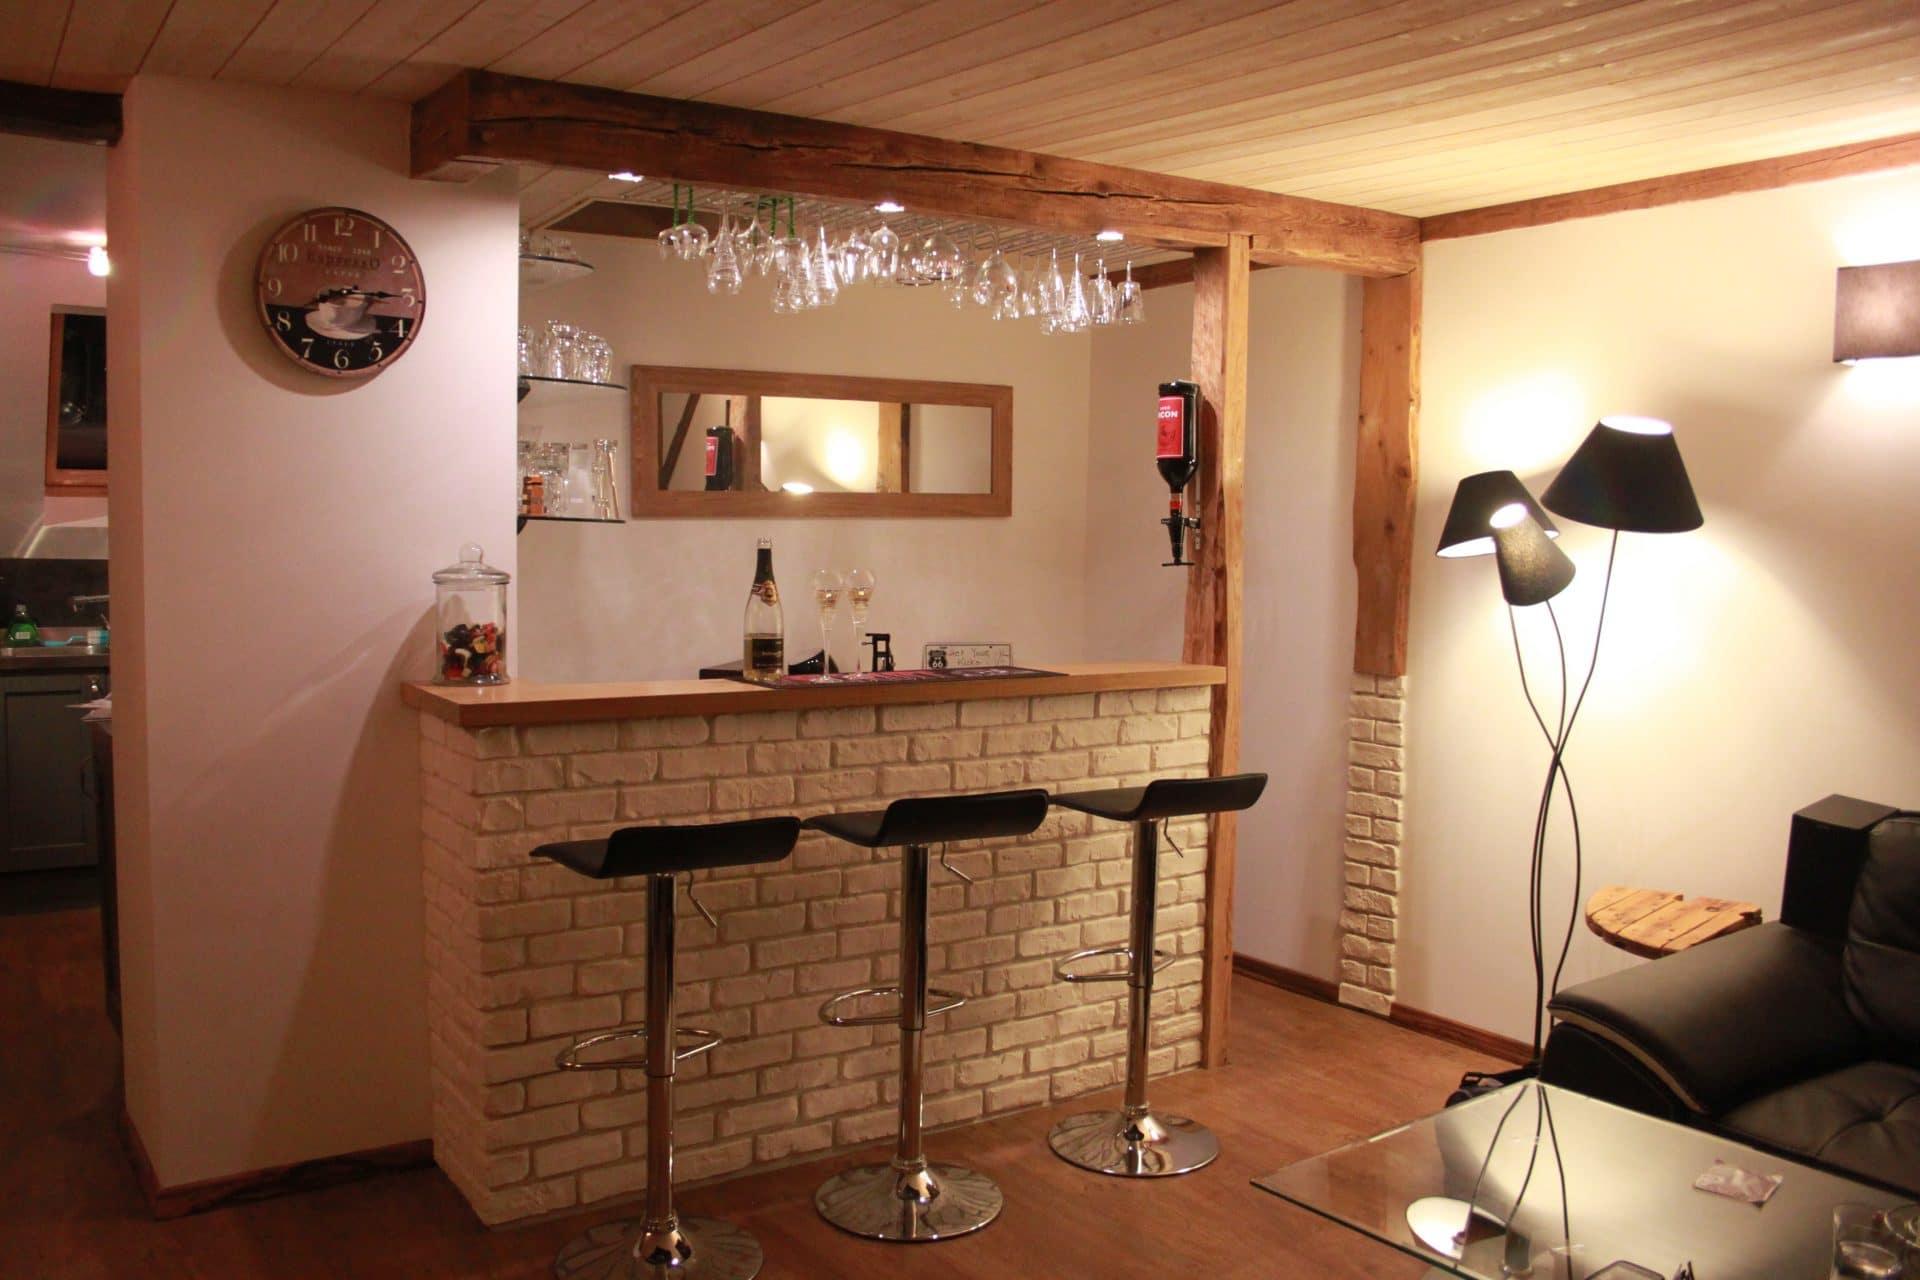 Rénovation totale d'un appartement et aménagement de combles à Colmar (68)